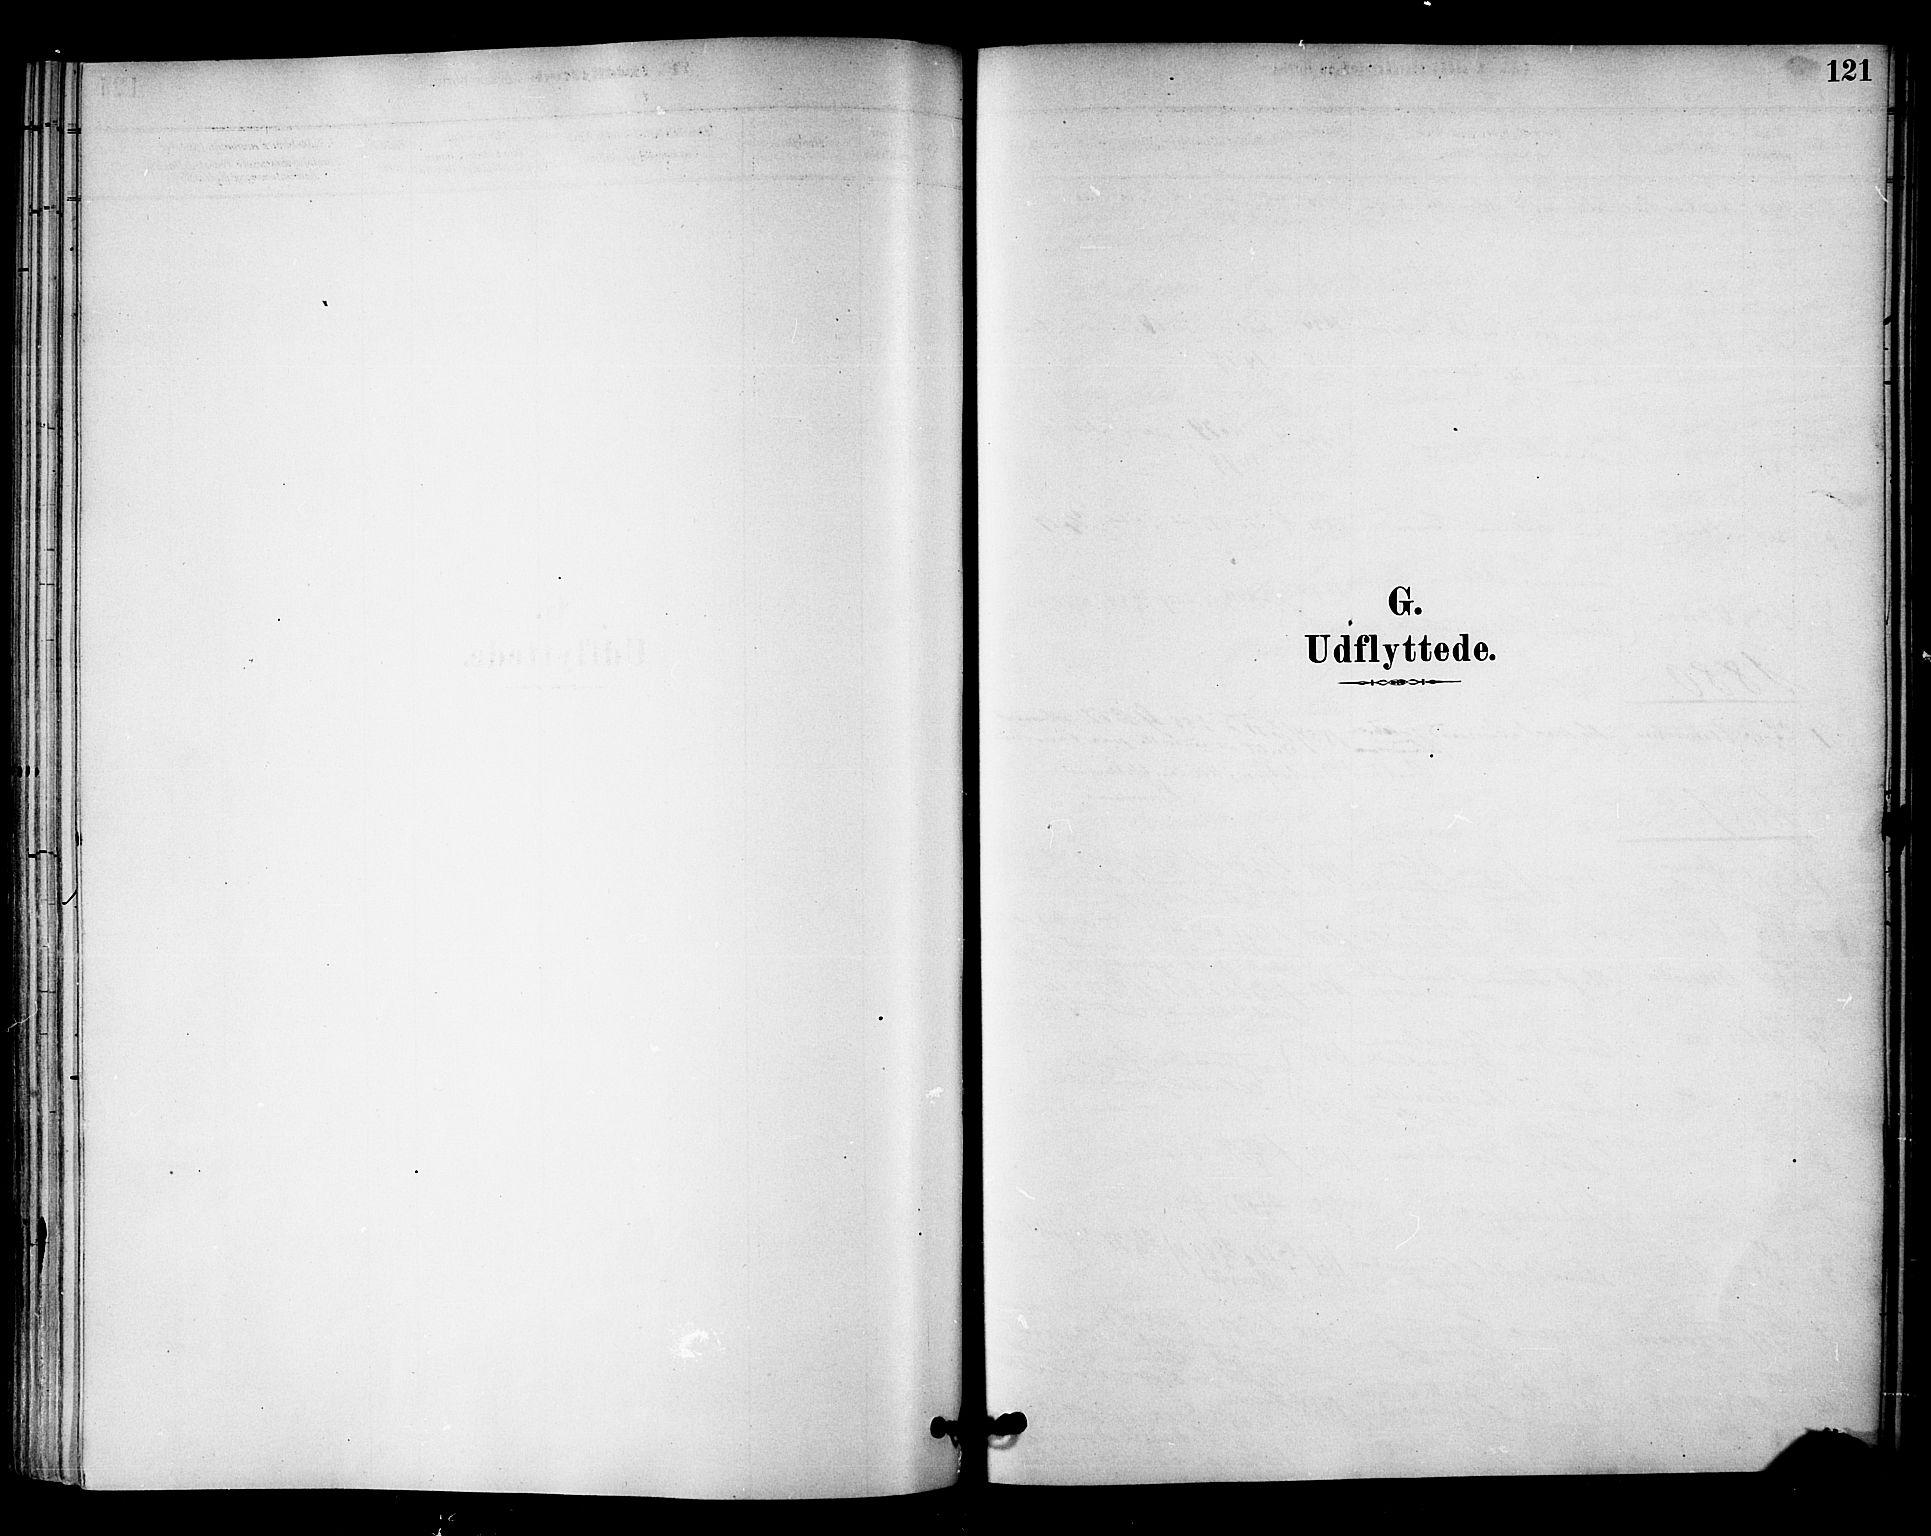 SAT, Ministerialprotokoller, klokkerbøker og fødselsregistre - Nord-Trøndelag, 745/L0429: Ministerialbok nr. 745A01, 1878-1894, s. 121